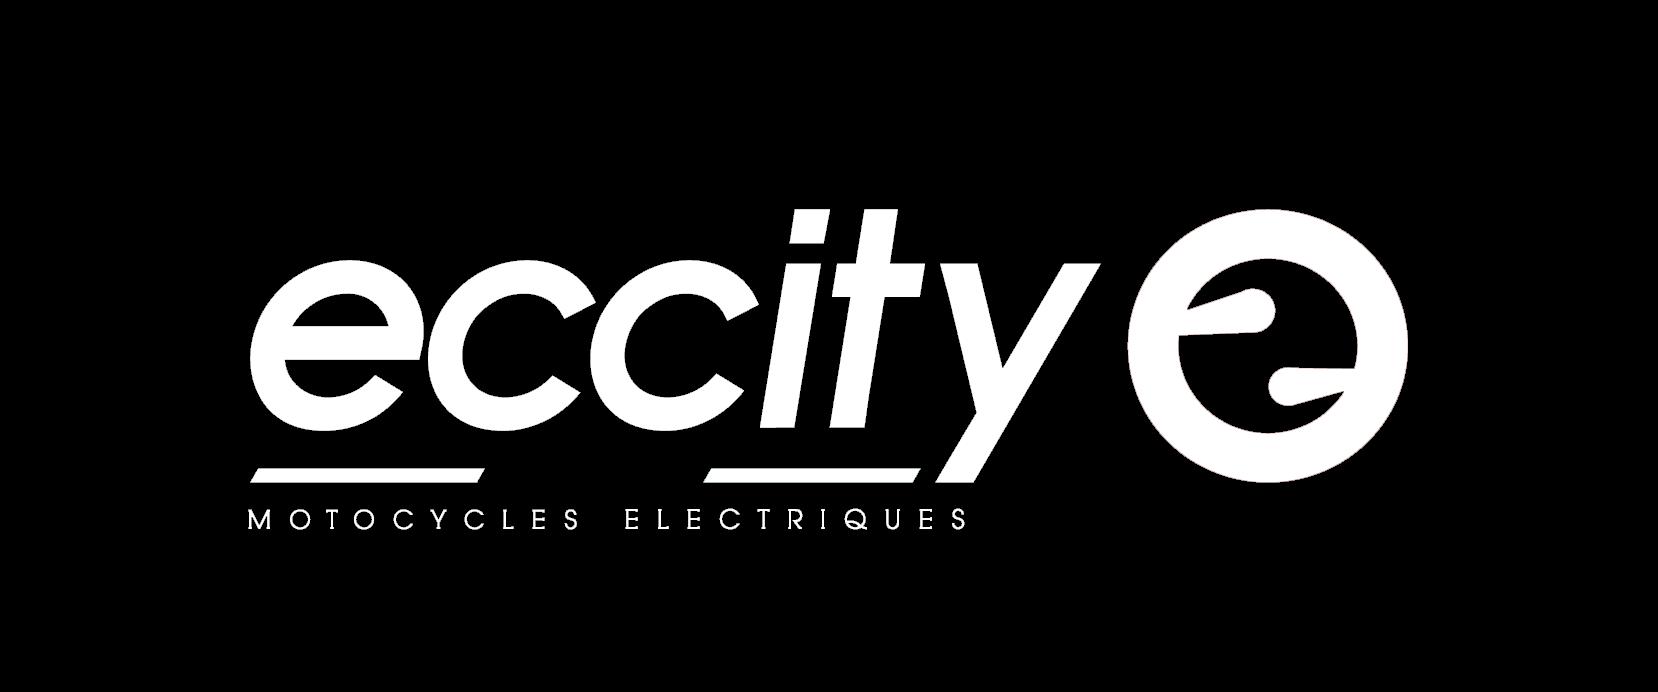 Scooter électrique Eccity Motocycles - Partenaire Liebr